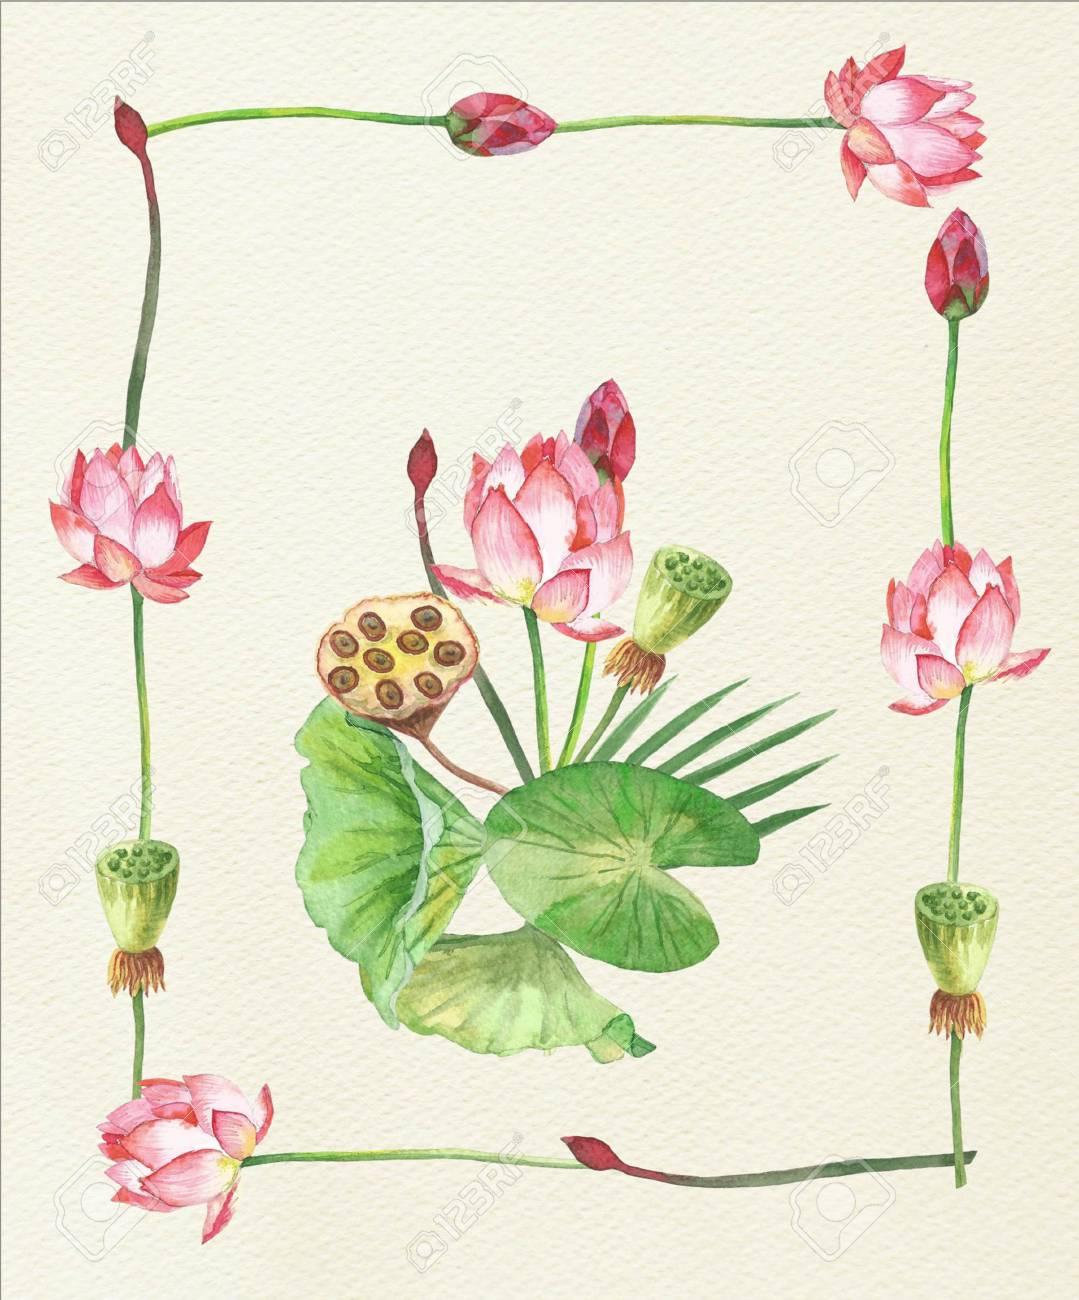 Lotus flowers hand painted watercolor illustration stock photo illustration lotus flowers hand painted watercolor illustration mightylinksfo